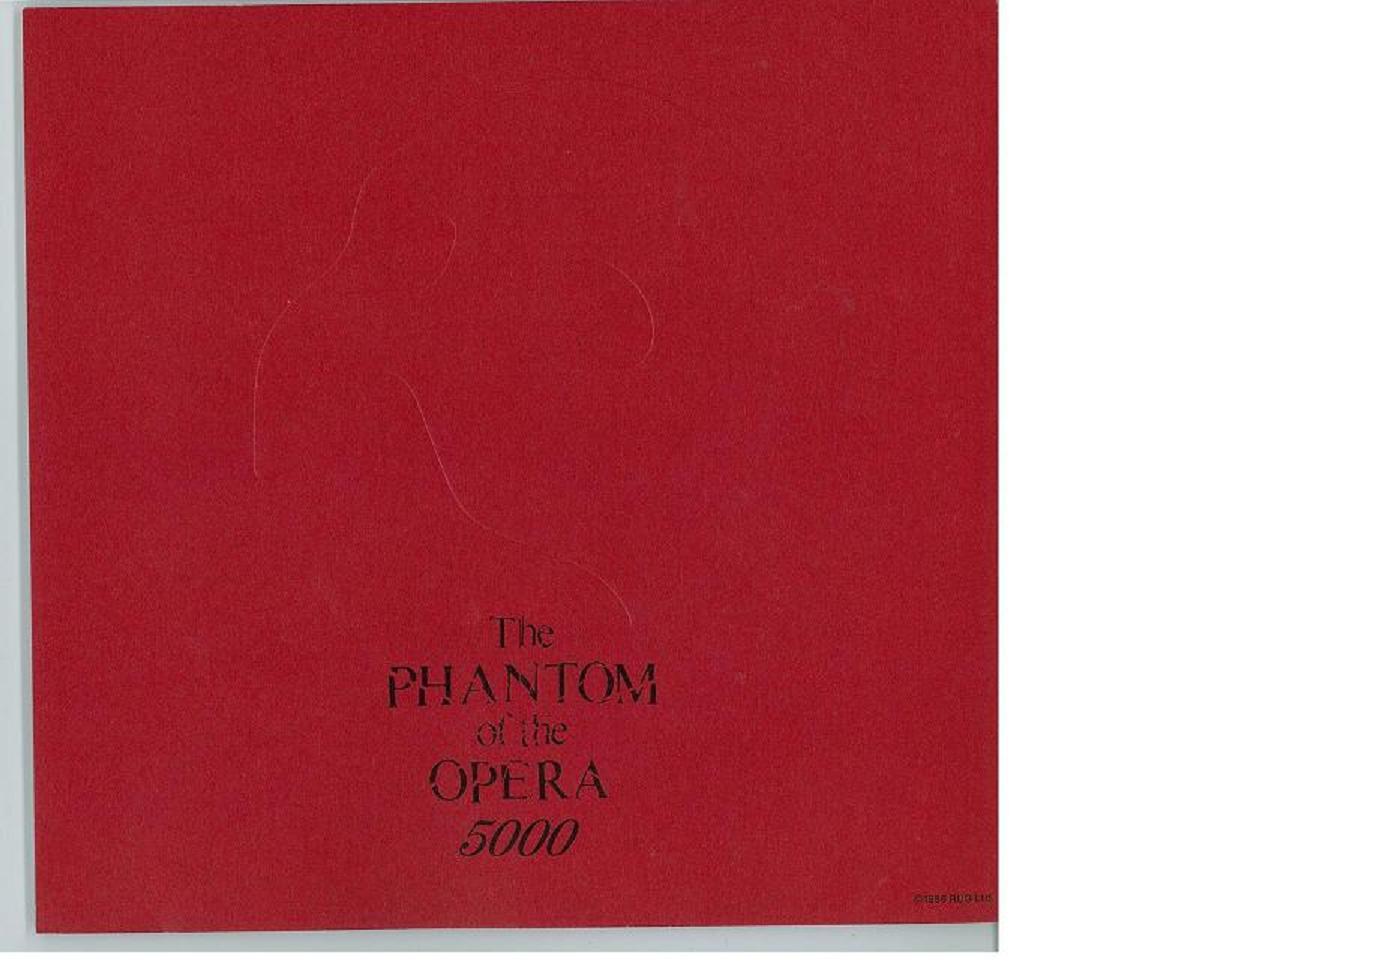 【書籍】オペラ座の怪人 5000回記念誌<2009年12月発行>